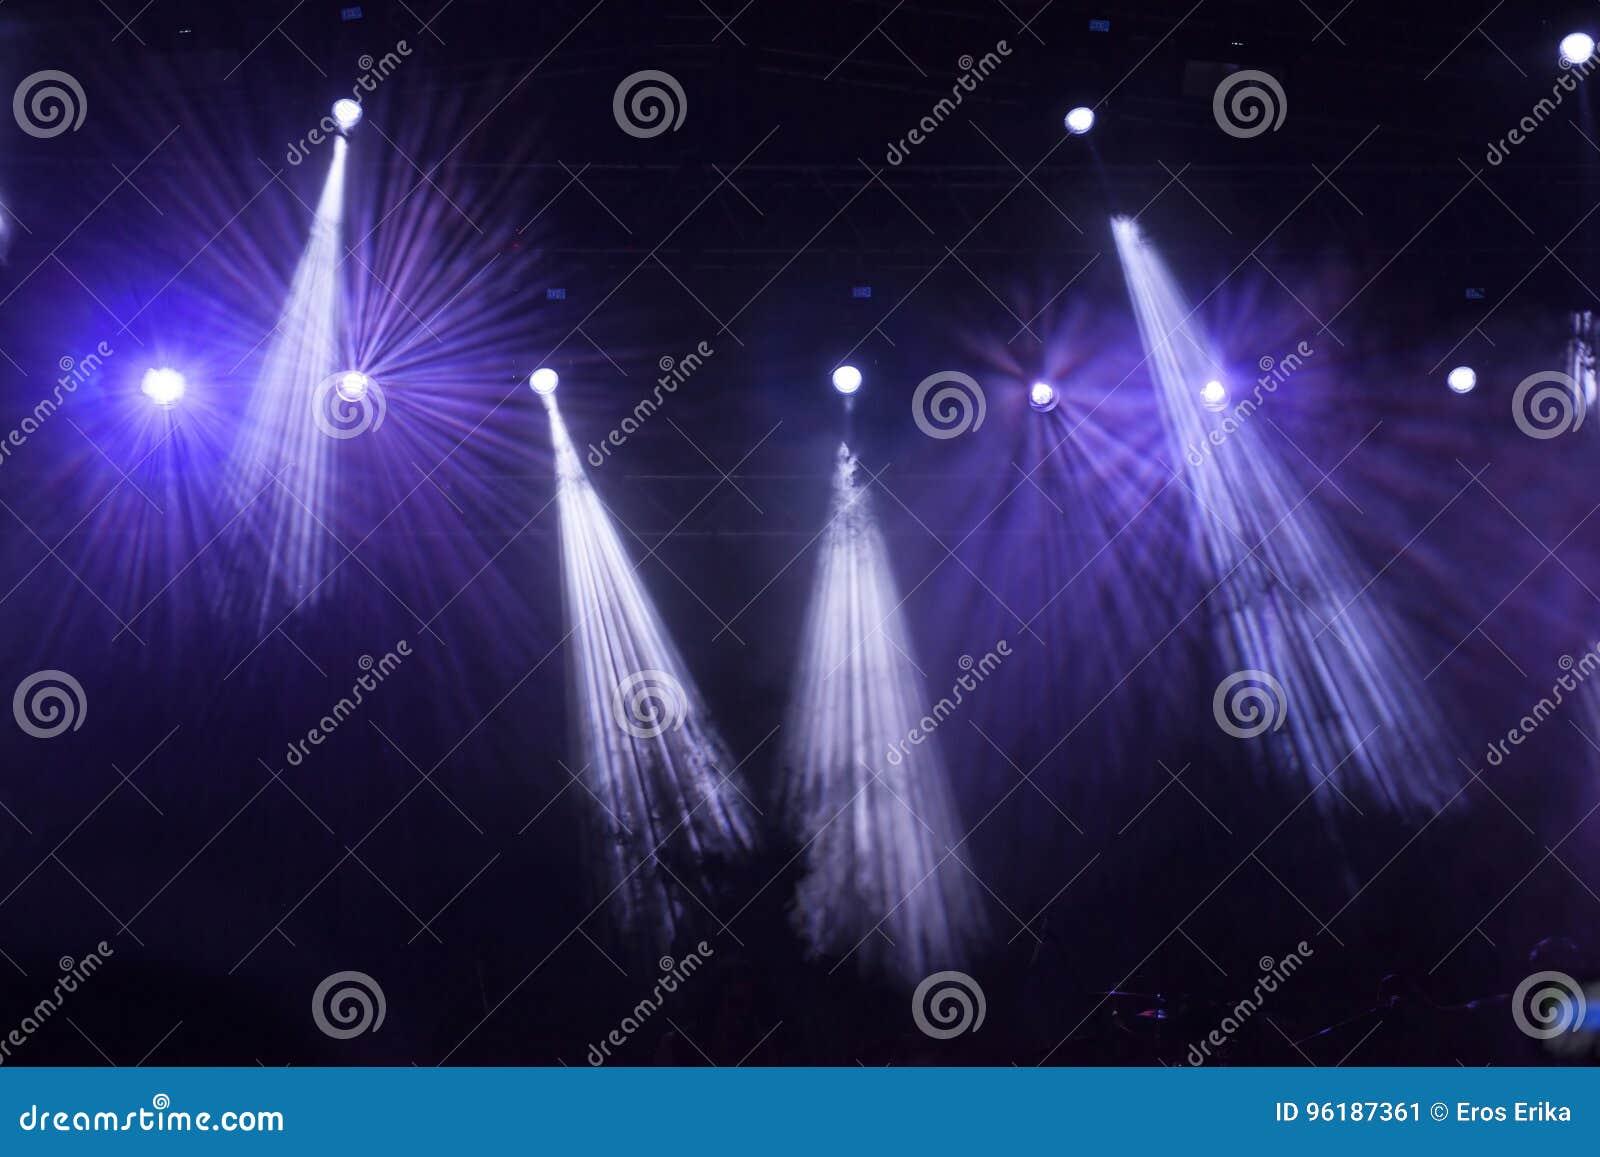 Spot Stage lights at concert